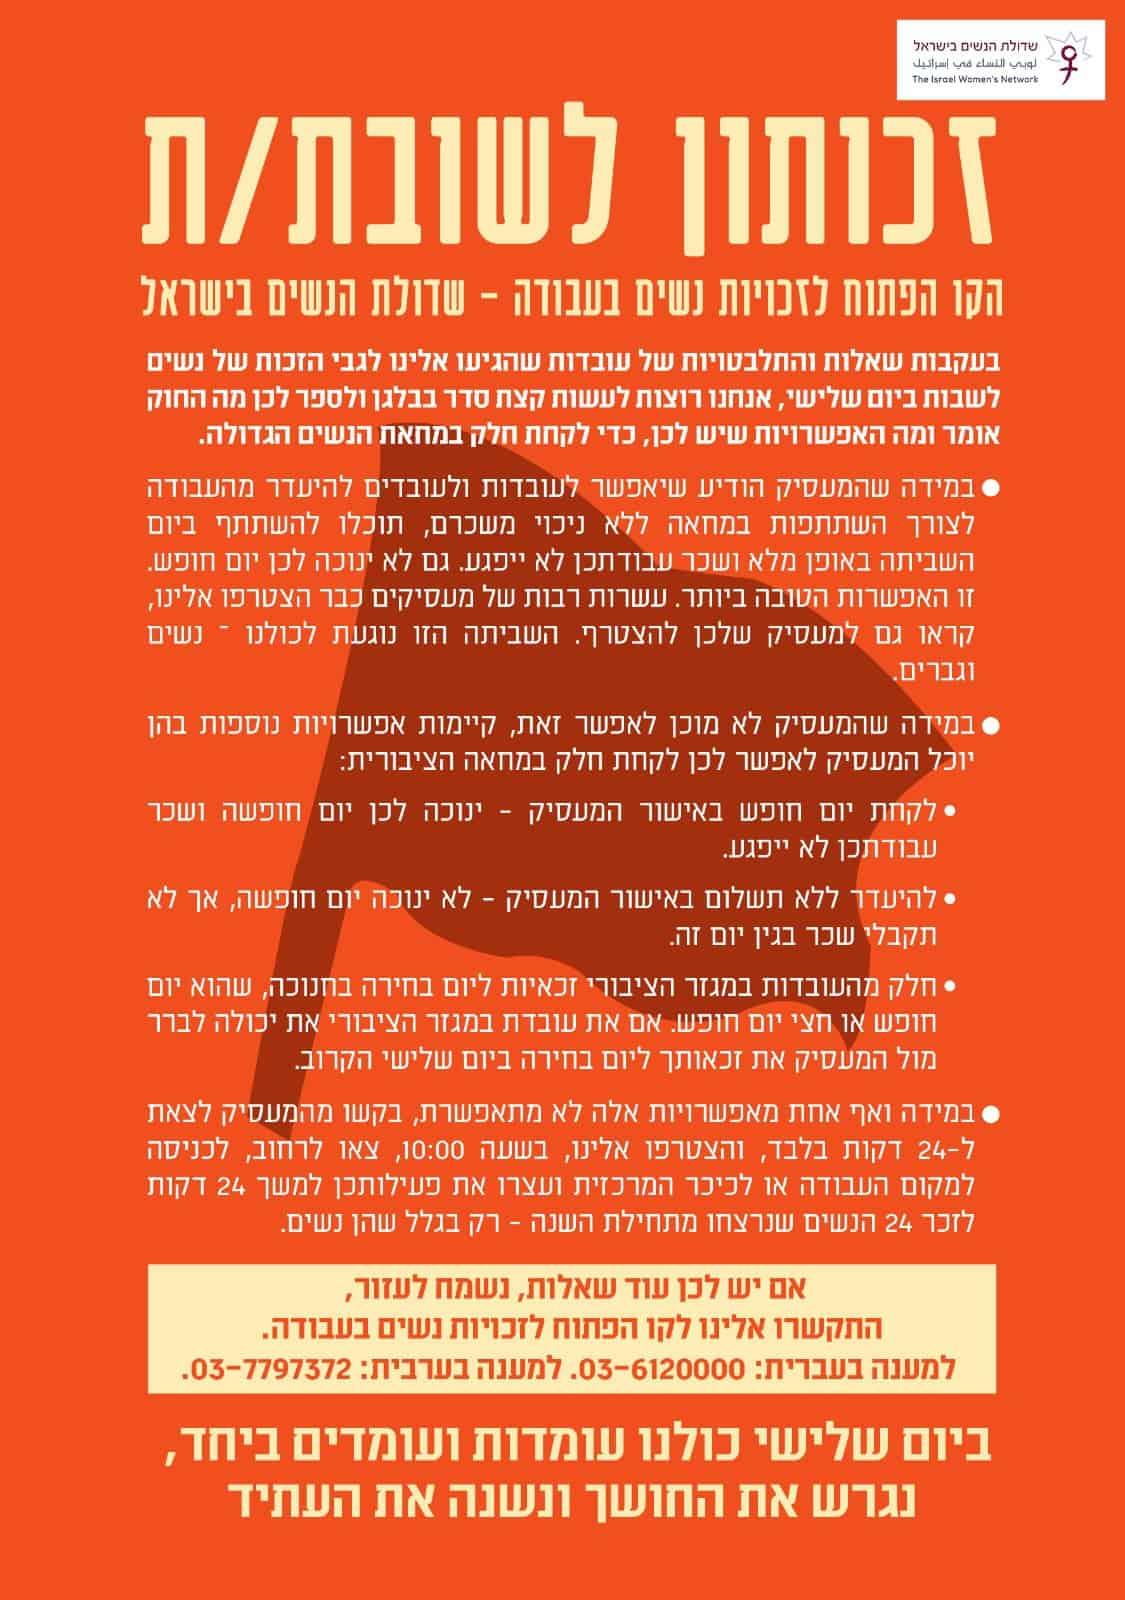 זכותון של שדולת הנשים בישראל